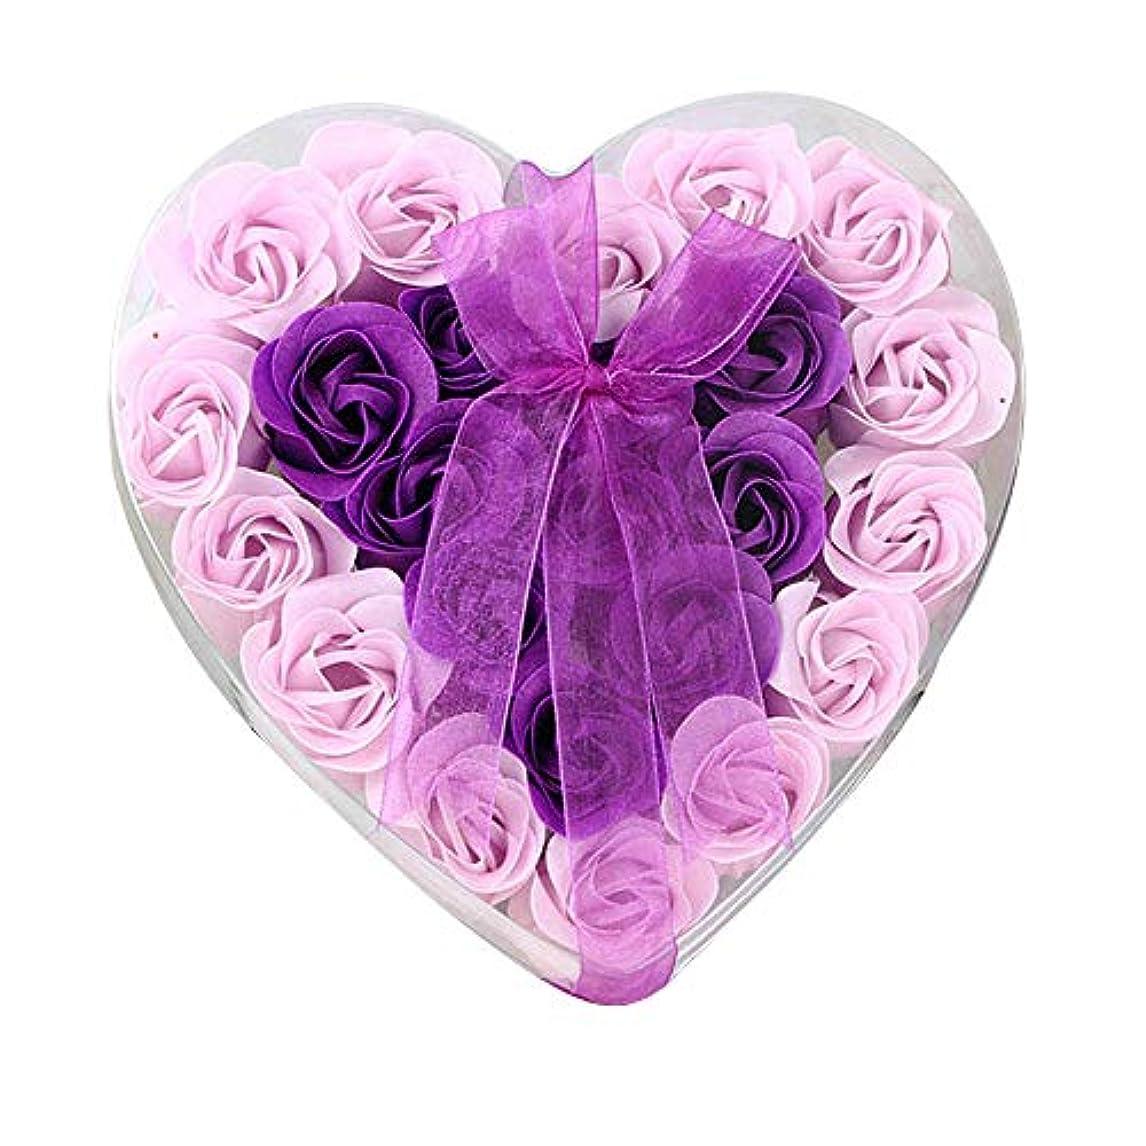 含める戸惑う起業家24個の手作りのローズ香りのバスソープの花びら香りのバスソープは、ギフトボックスの花びらをバラ (色 : 紫の)